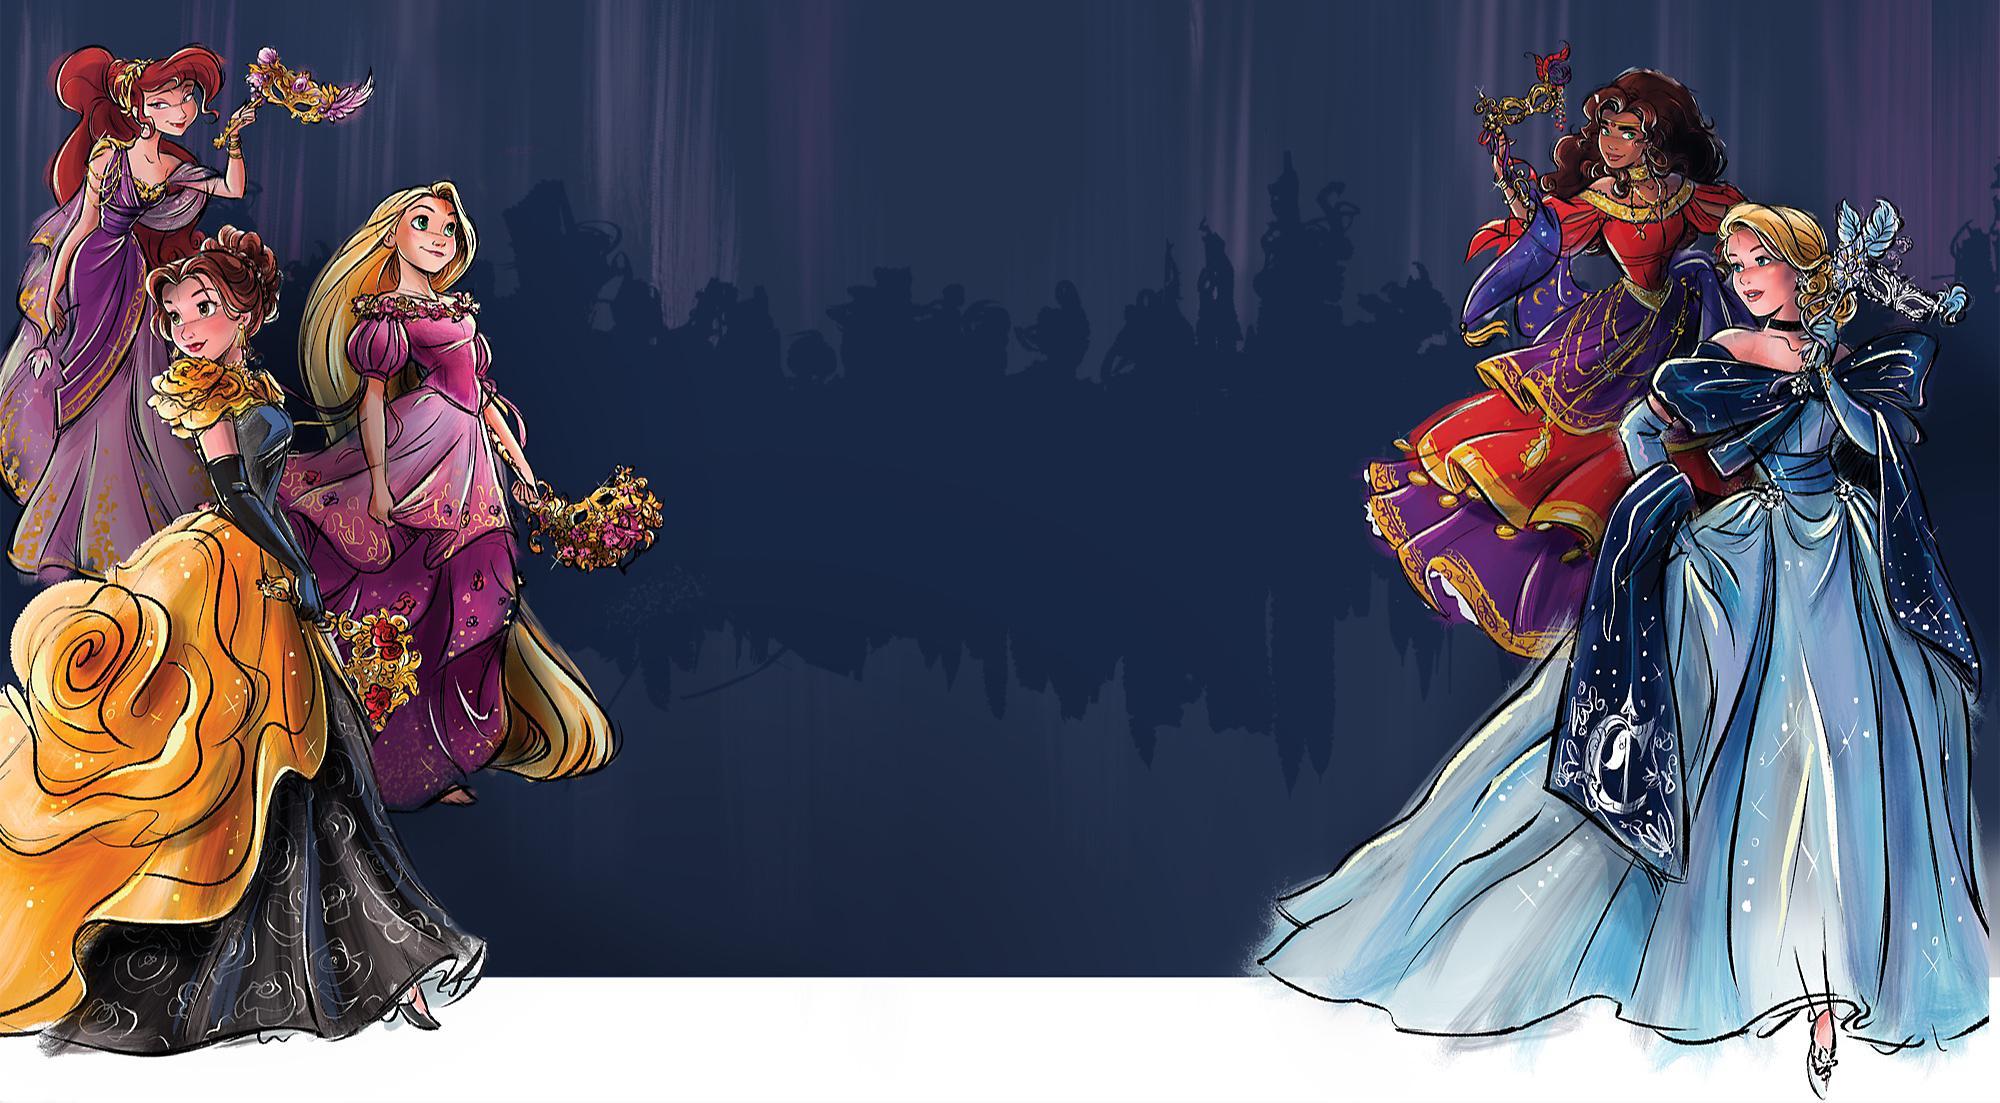 Wir sind stolz darauf, im Rahmen der Disney Designer Collection die Midnight Masquerade Series, inspiriert von der Magie eines Mondscheinballs und der Eleganz beliebter Disney Heldinnen, zu präsentieren. Diese Puppen wurden von Disney Store Künstlern entworfen und bestechen durch eine aufwendig gearbeitete Maske mit berühmten Motiven.